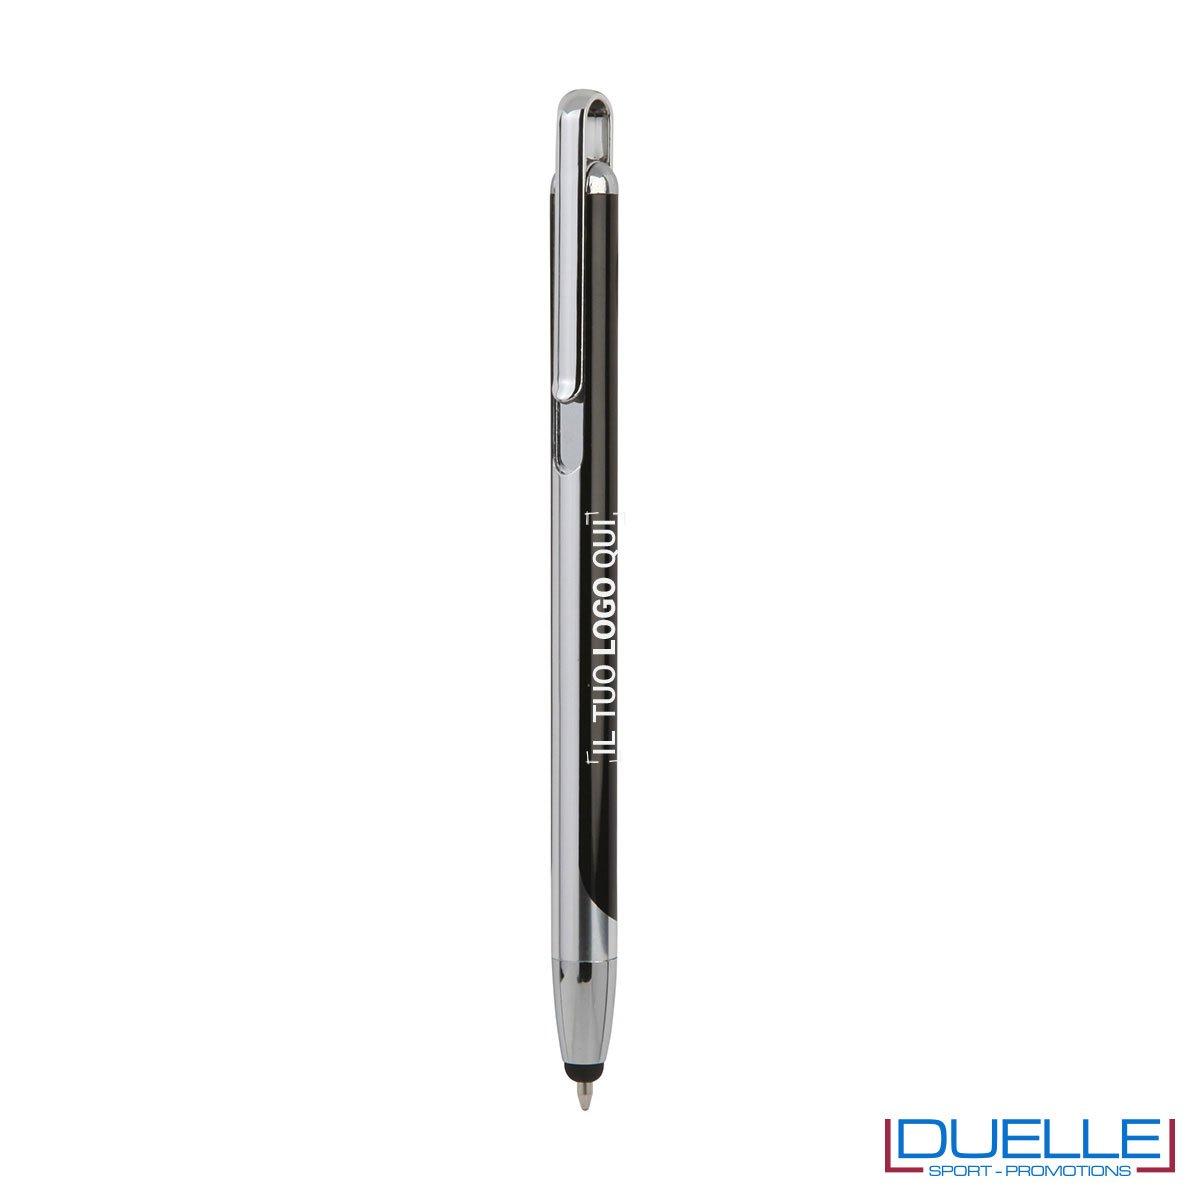 Penna touch screen con fusto in metallo colore nero